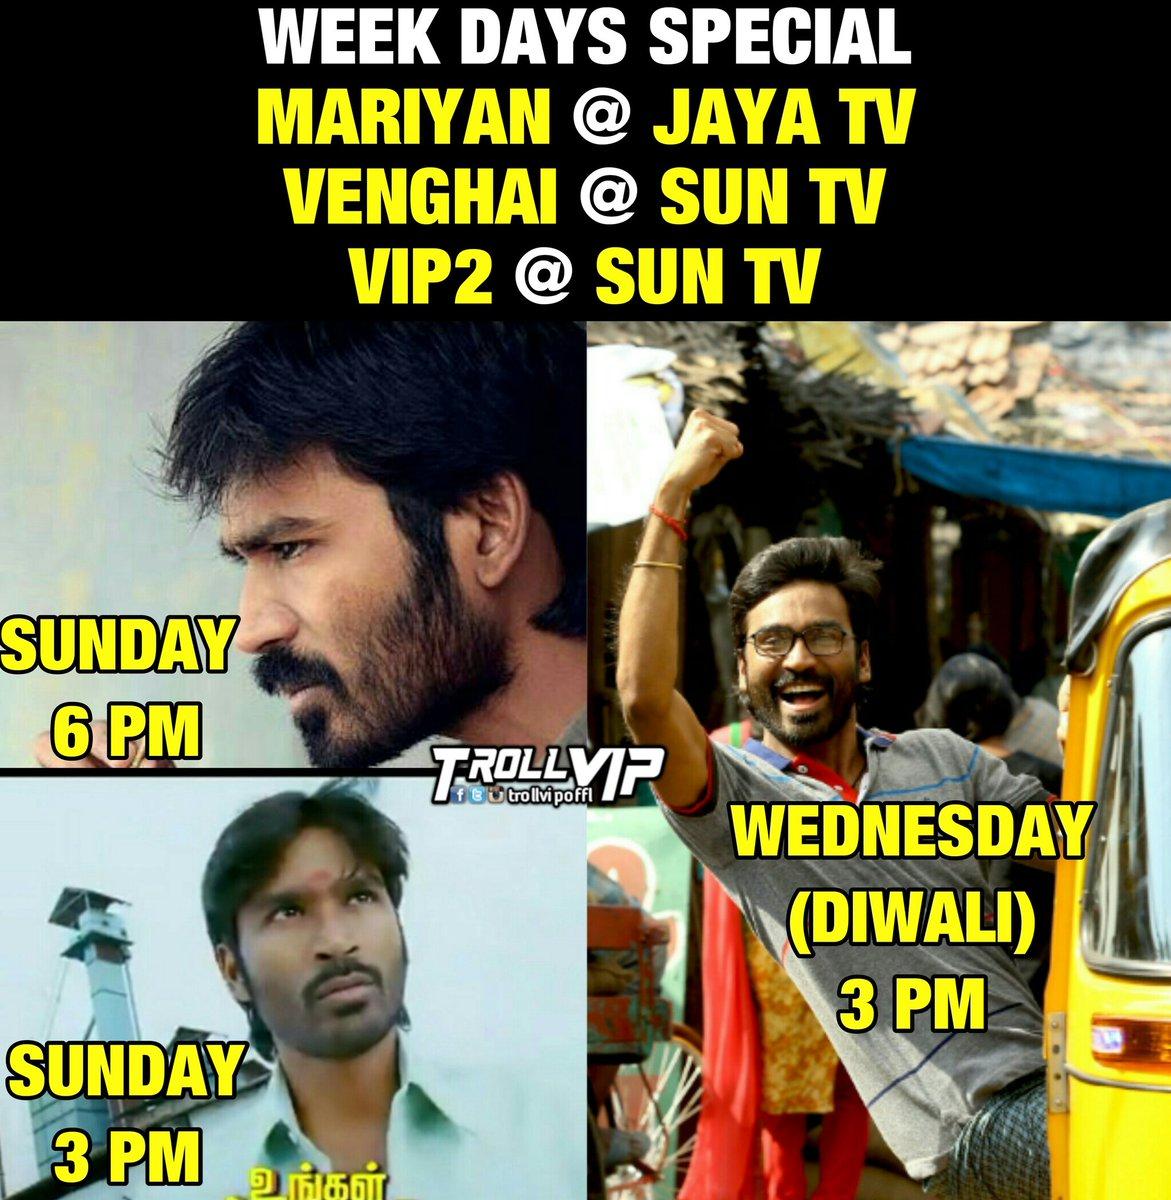 Jaya Tv Movies Diwali Gastronomia Y Viajes